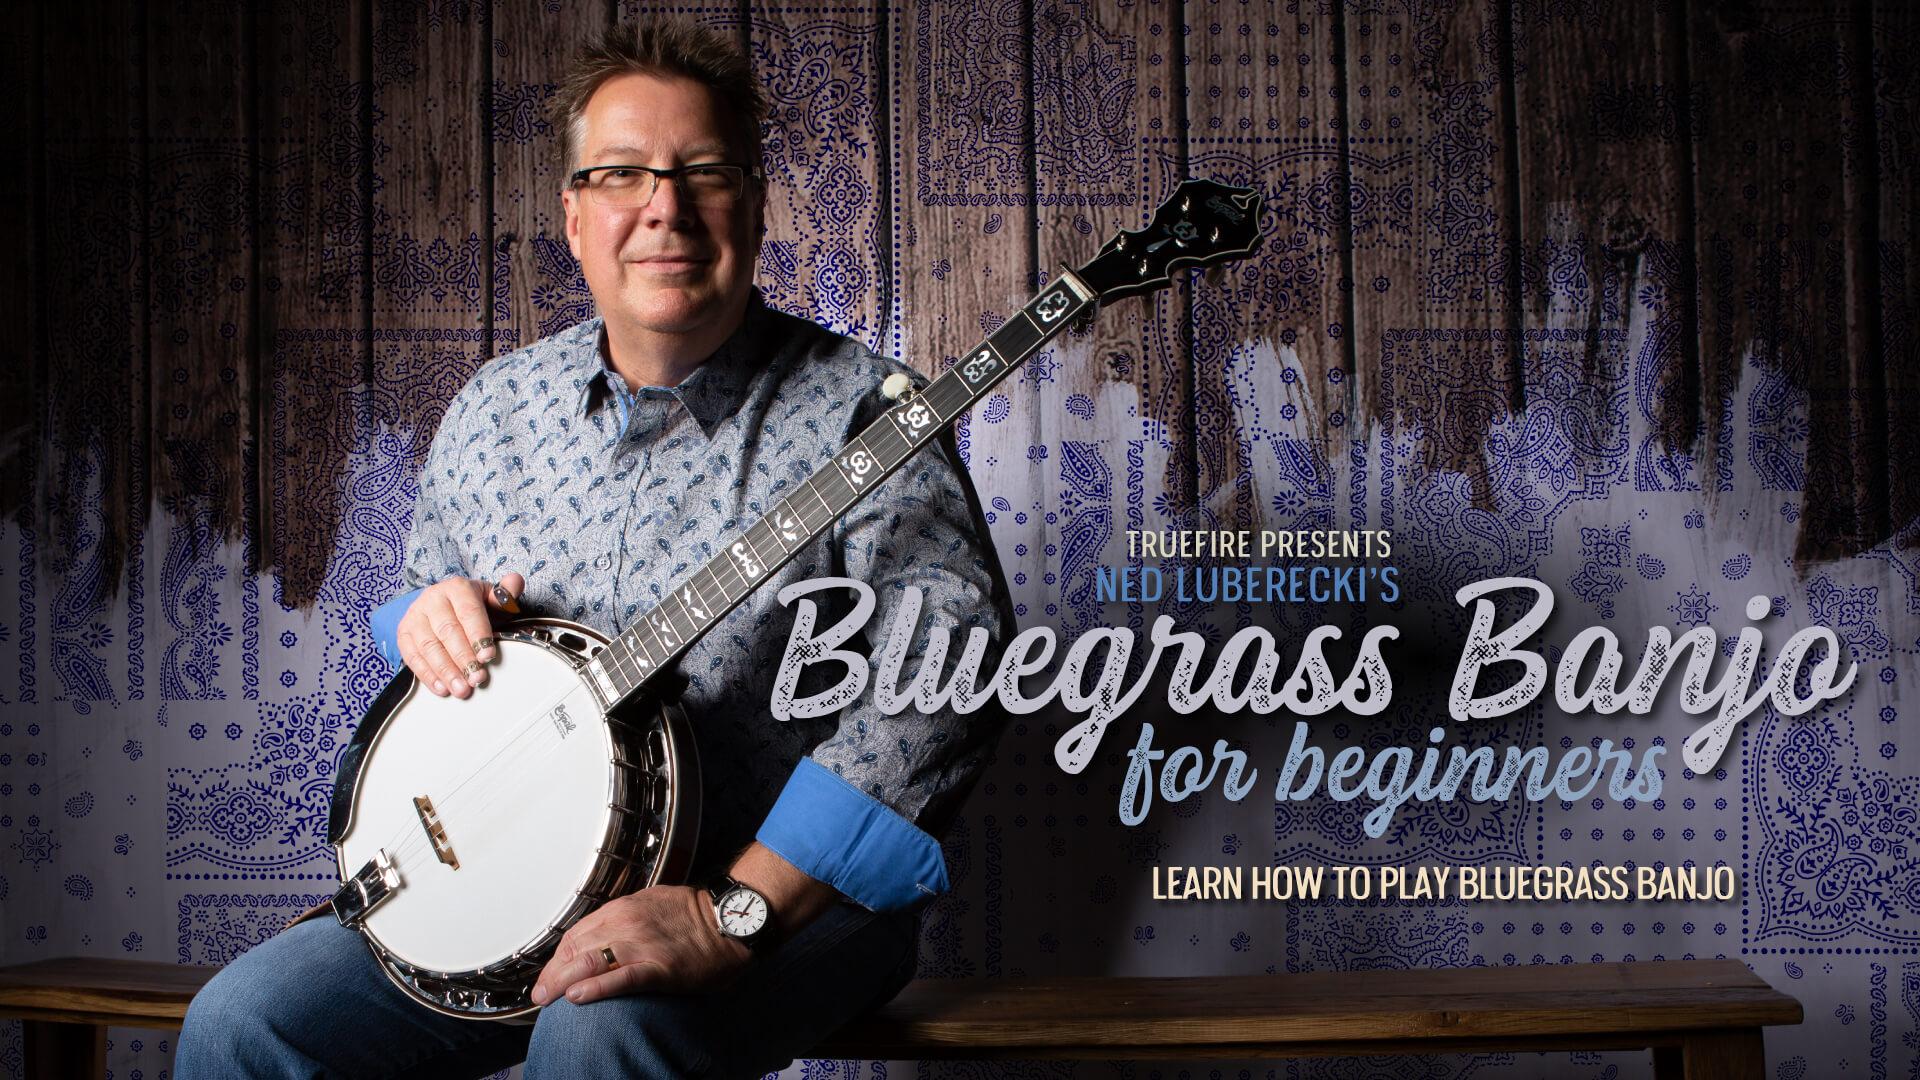 Bluegrass Banjo for Beginners - Ned Luberecki - Guitar Lessons - TrueFire